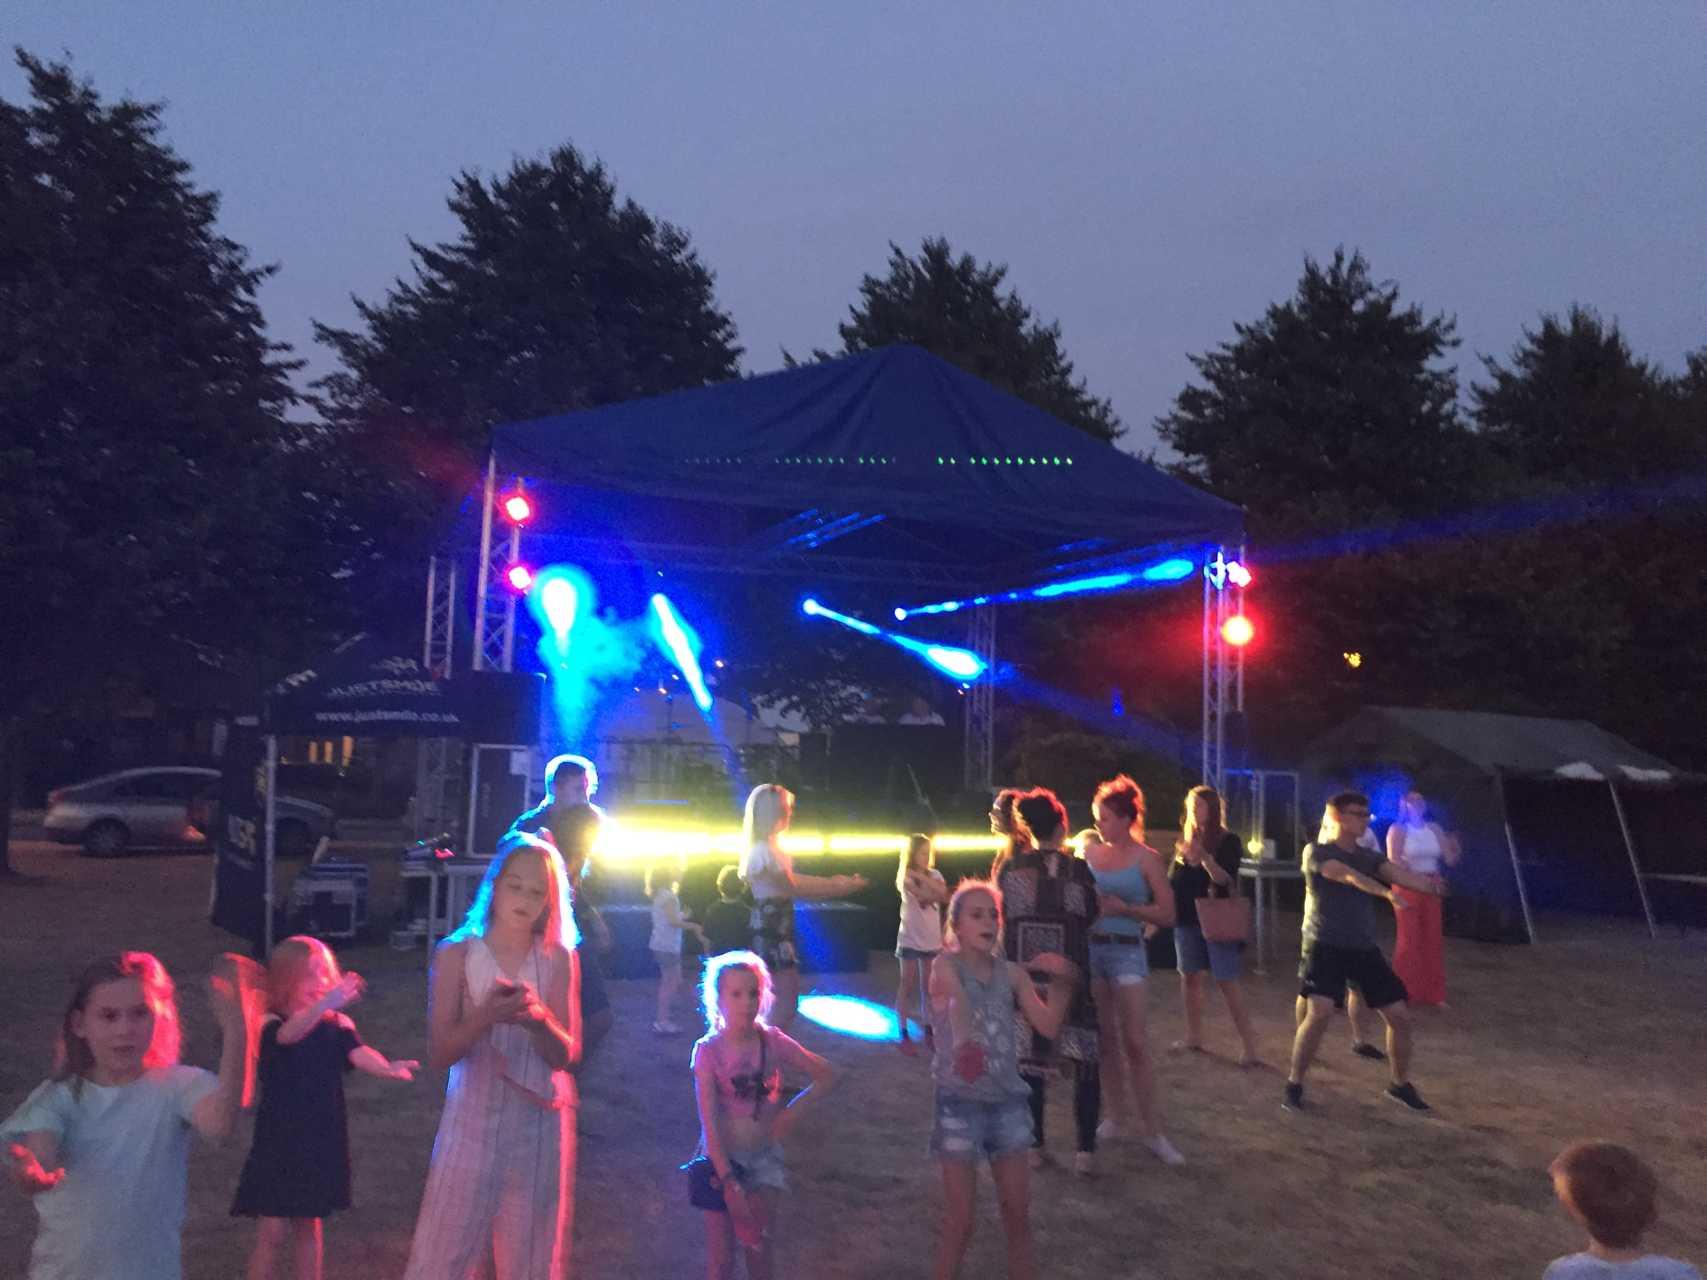 Festival Production